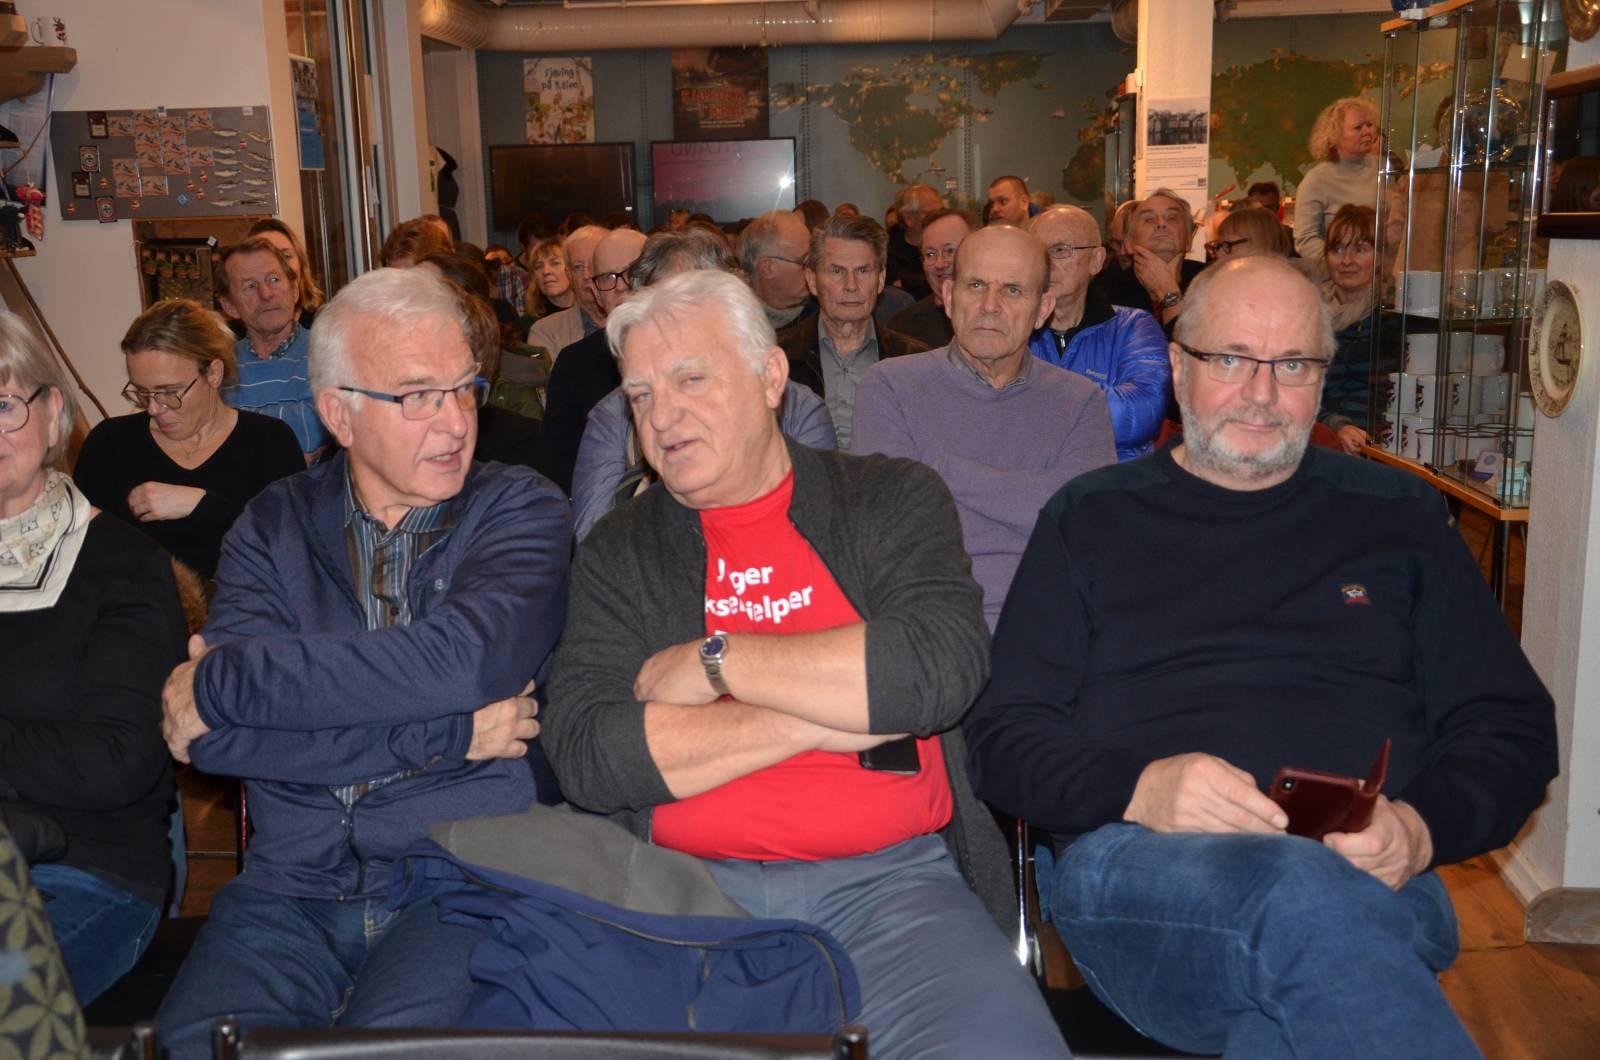 Fra et fullstappet foredrag på Stavanger maritime museum 9. januar 2020, hvor Marie Smith-Solbakken beskrev de 18 minuttene det tok før Alexander Kielland forsvant i havet. Foto: Mette Møllerop